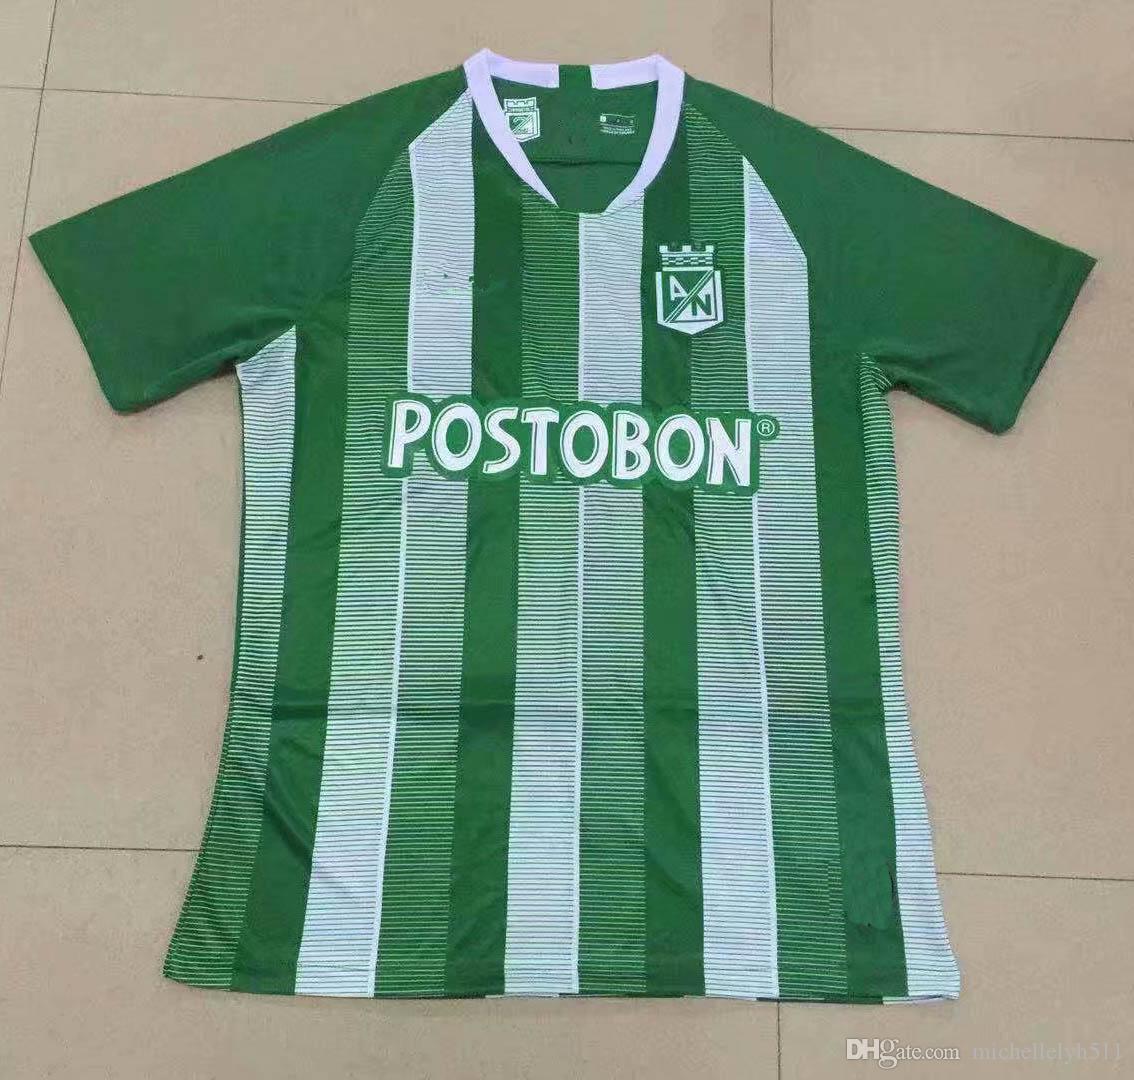 19 20 Camisetas De Fútbol De Atlético Nacional 2019 2020 Medellin Inicio  Camisetas De Fútbol Verdes MORENO TORRES RENTERIA LUCUMI Jersey Footabll  Por ... 759fa94a0a59f